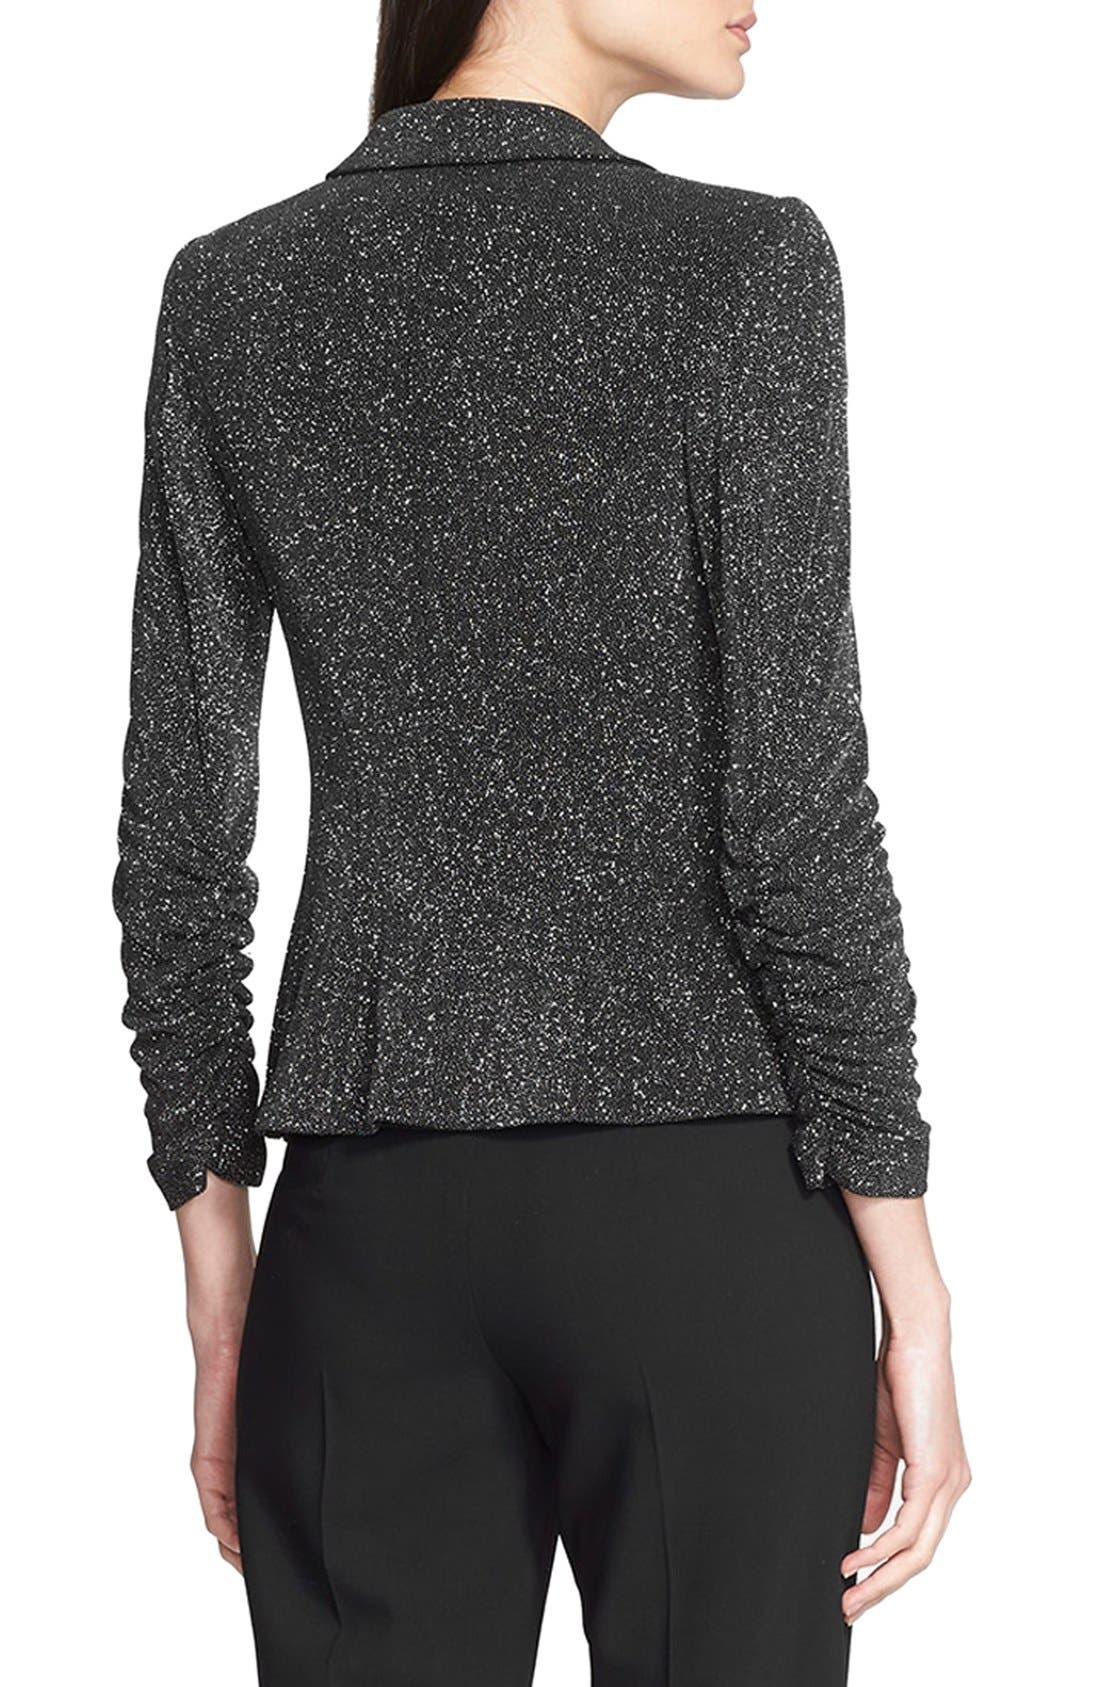 Alternate Image 2  - Armani Collezioni Glitter Jersey Jacket